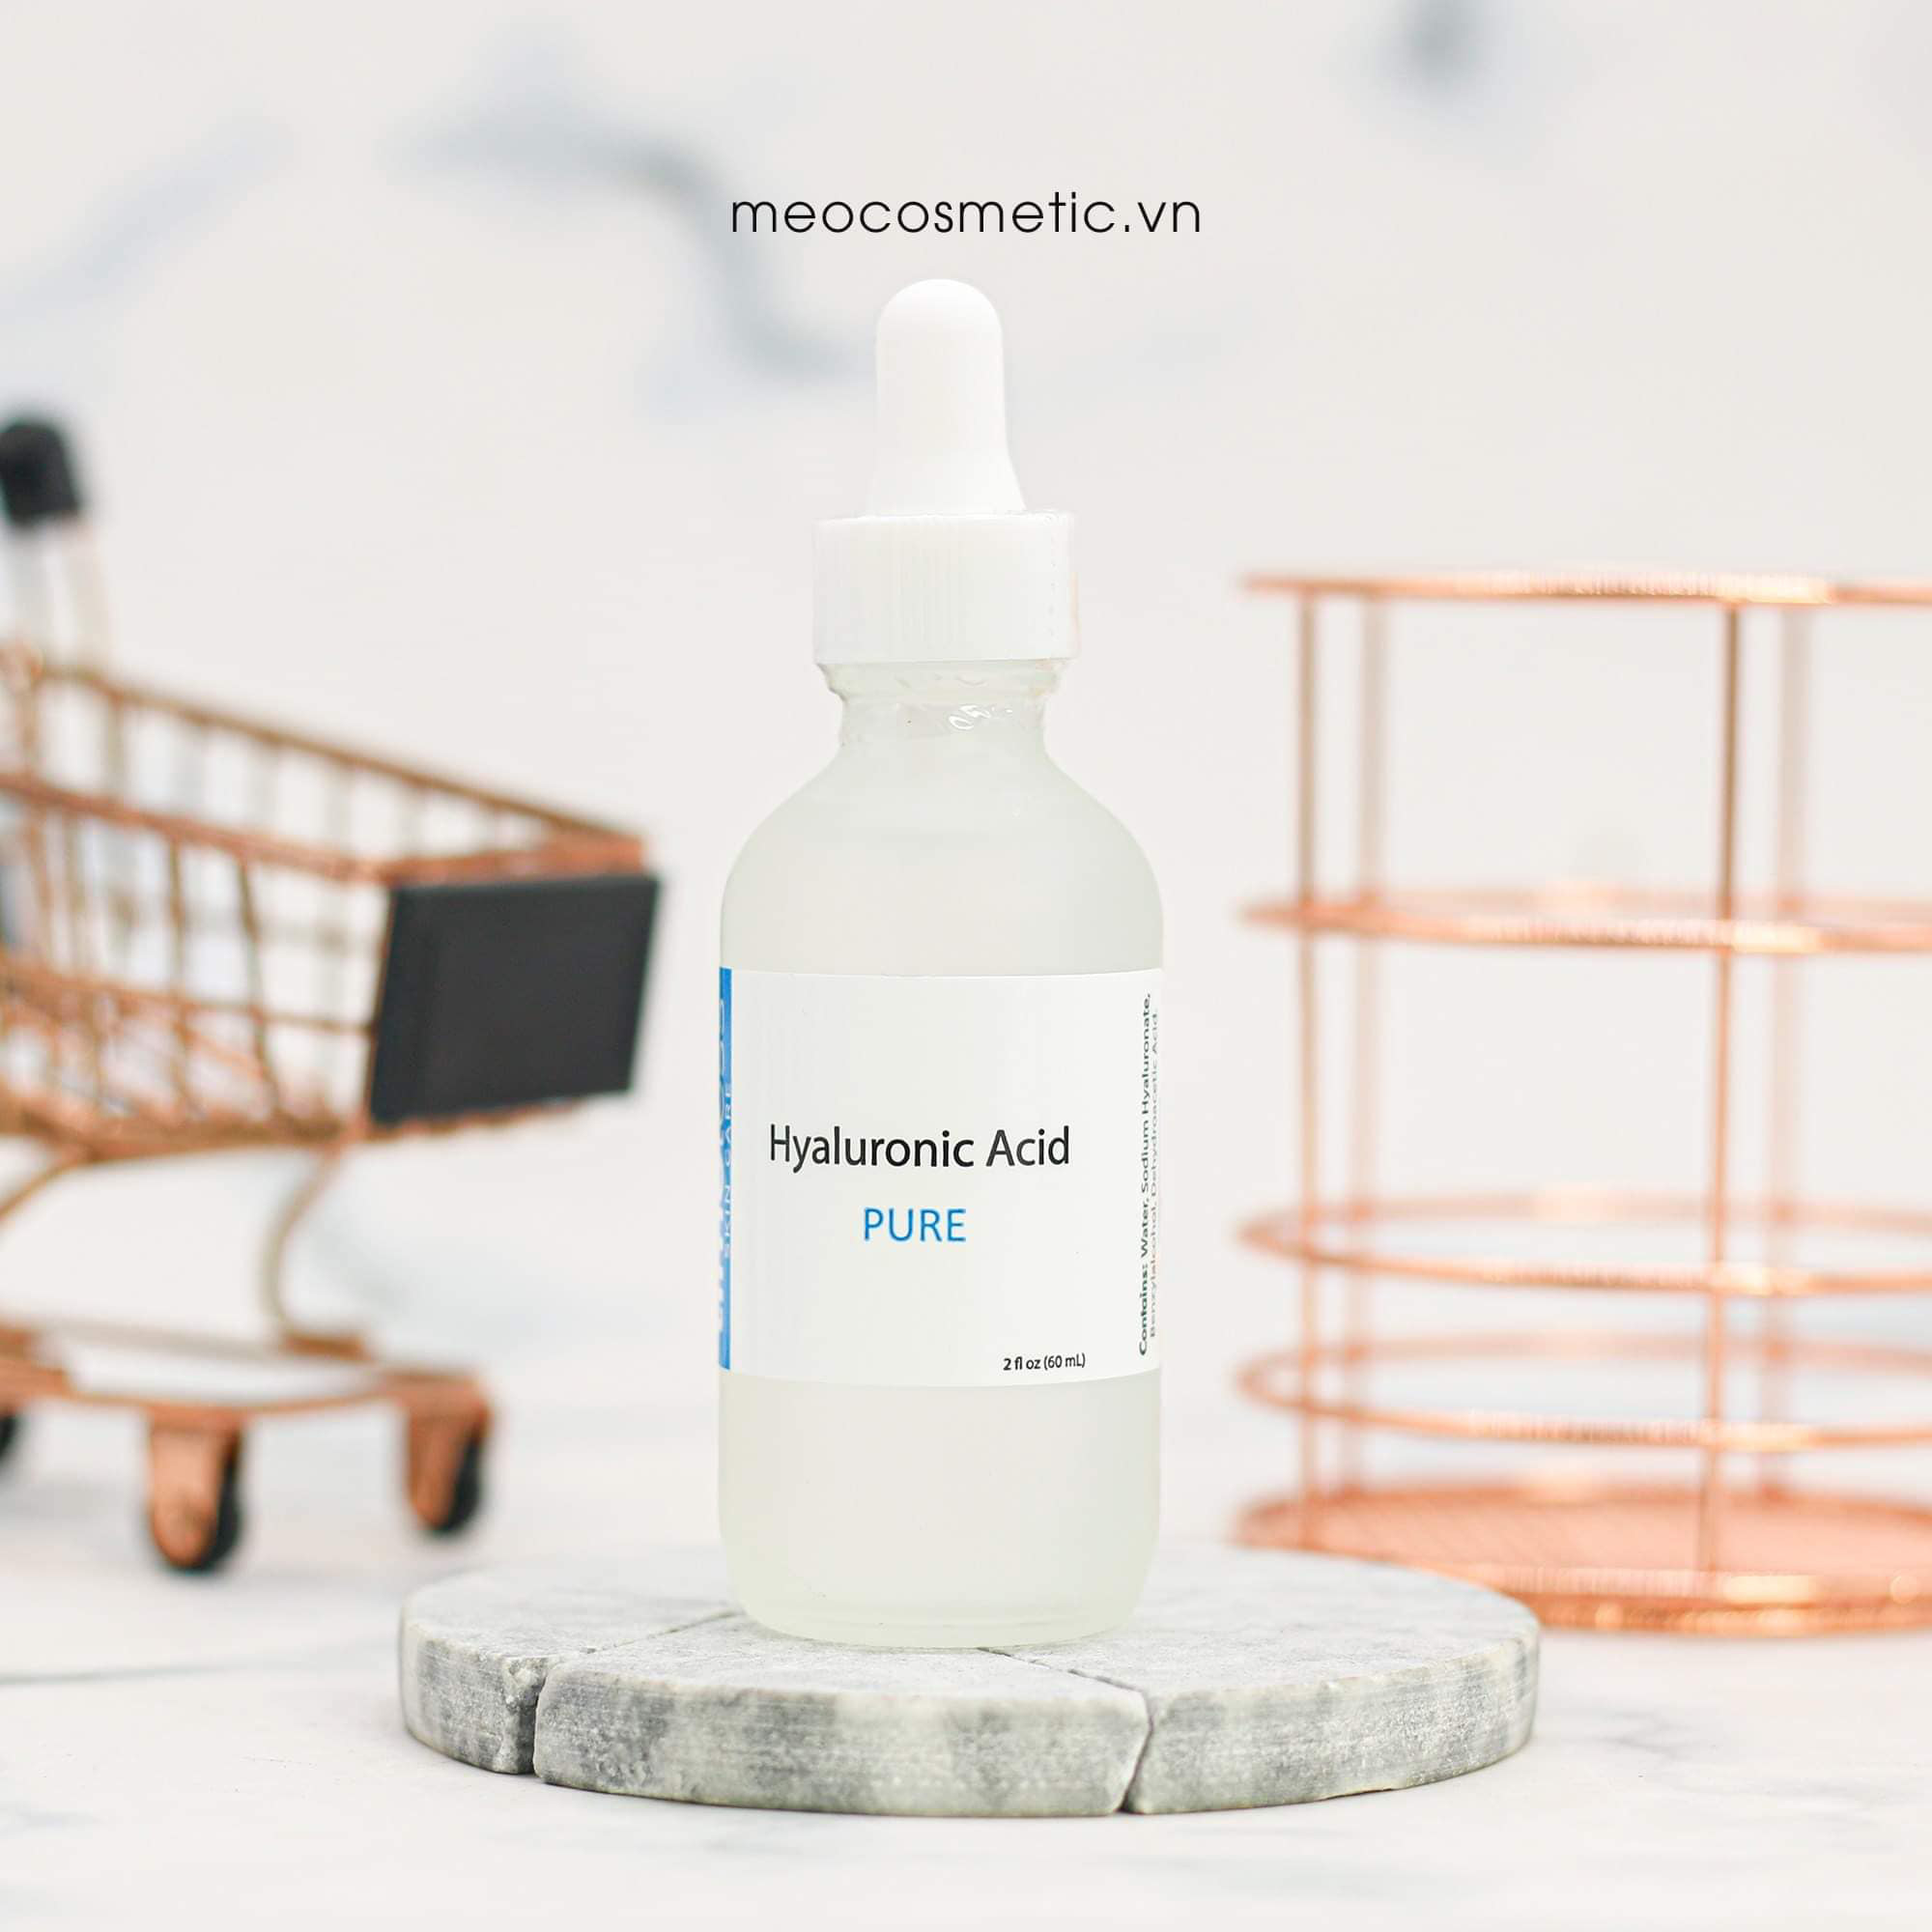 5 serum cấp ẩm phục hồi giá chưa đến 300k, dù hầu bao eo hẹp bạn vẫn yên tâm có da xinh khỏe - Ảnh 5.